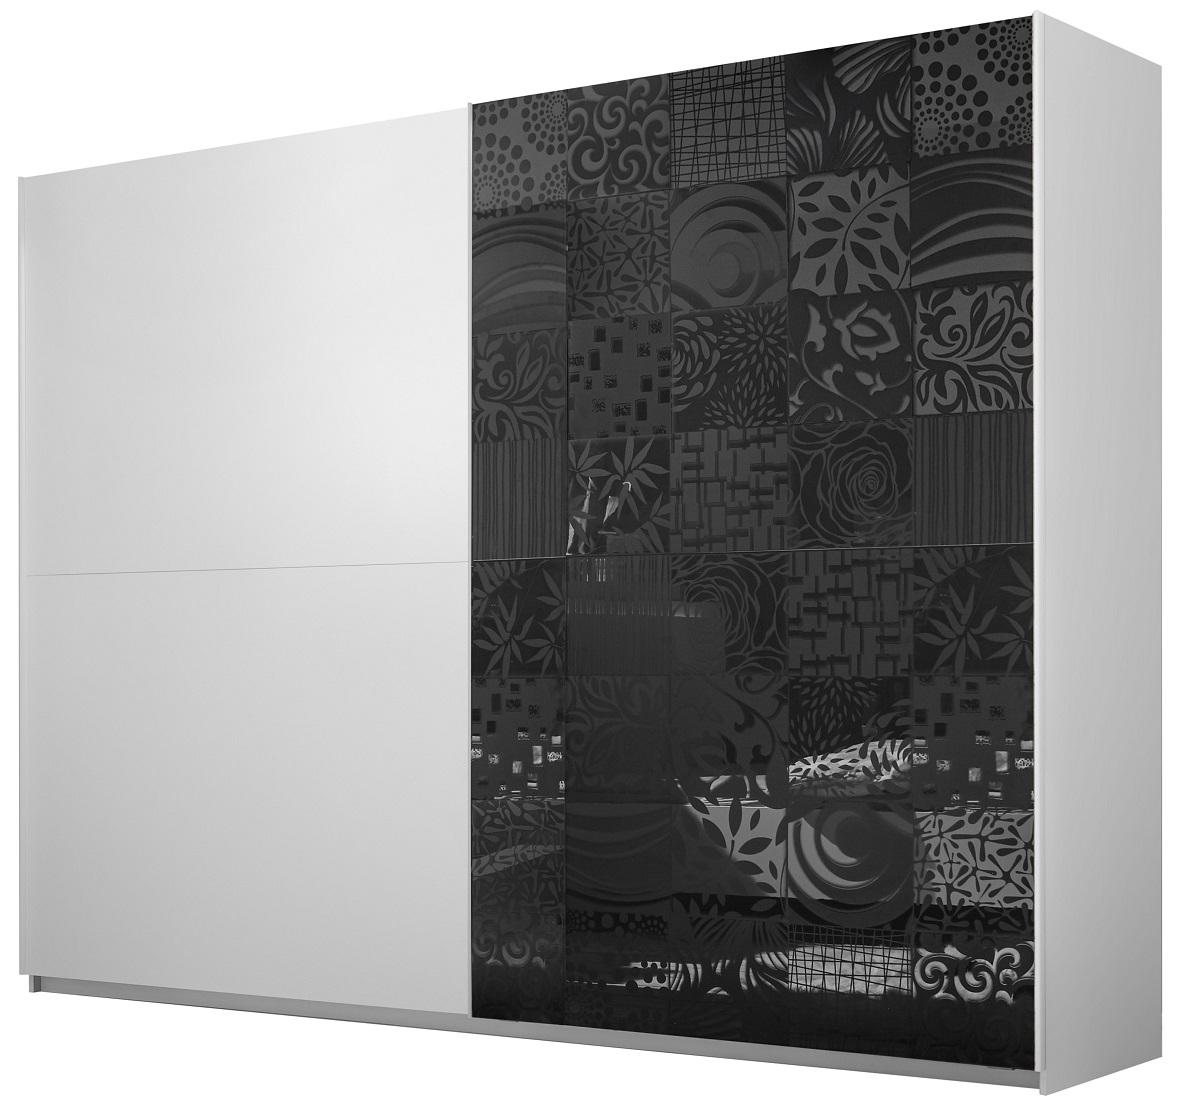 Schuifdeurkast Perez 275 cm breed in mat wit met hoogglans antraciet